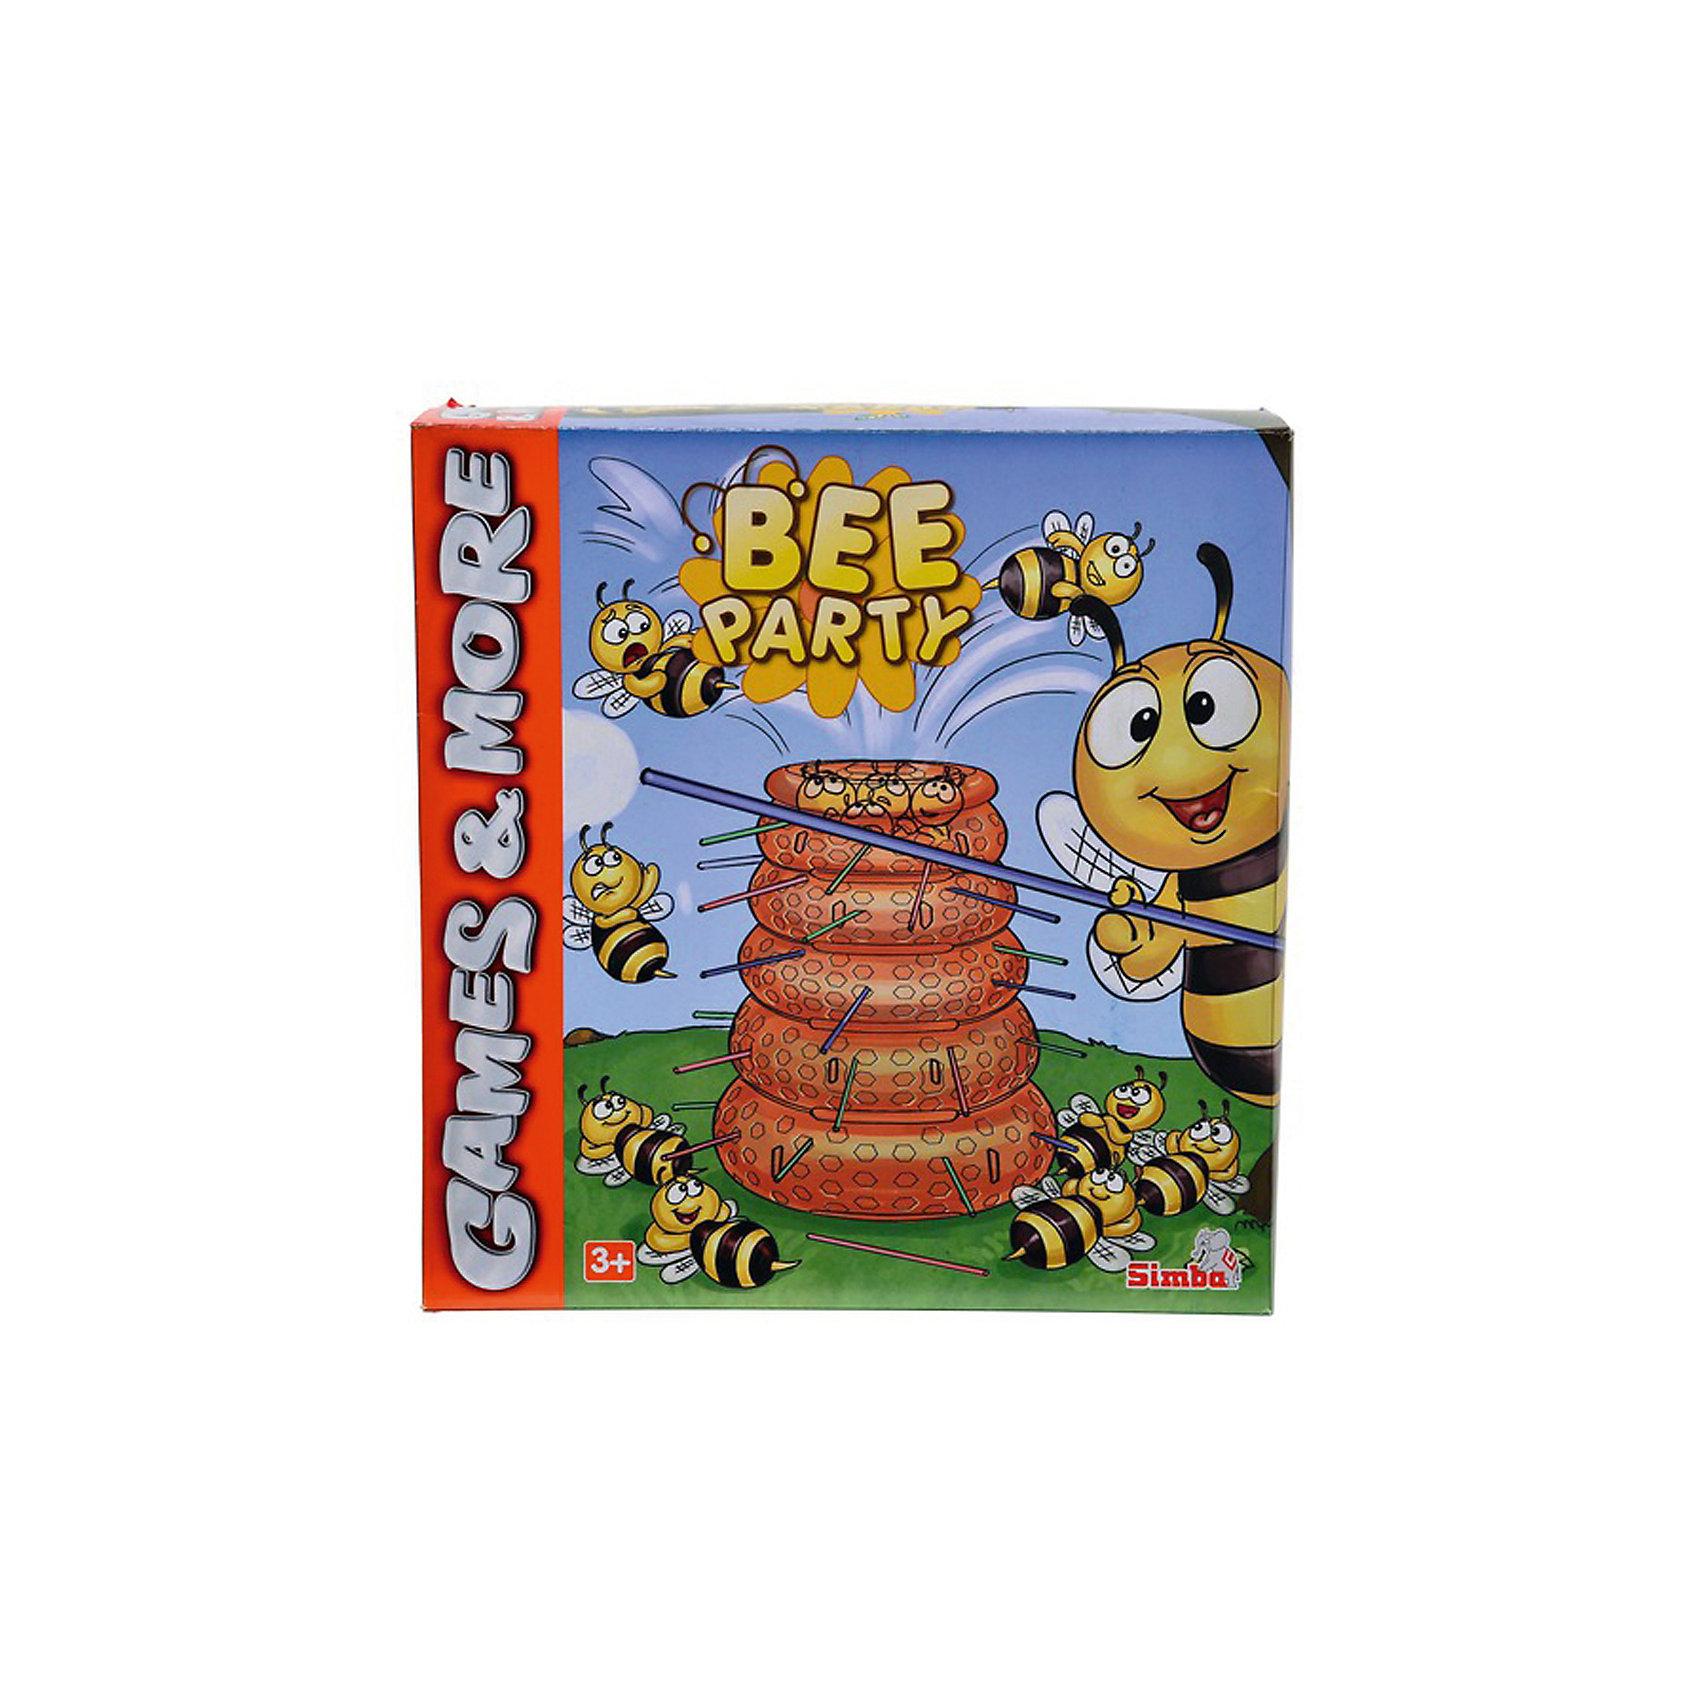 Игра Пчелы, SimbaИгра Пчелы, Simba (Симба) – эта занимательная настольная игра надолго увлечет вашего малыша.<br>Игра настольная Пчелы -  это увлекательное путешествие в жизнь пчелиного улья. Настольная игра Пчелы Simba (Симба) порадует вашего ребенка и подарит ему много веселья, ведь цель игры - не только выиграть, но и повеселиться от души. Внутри коробки вас ждет пластиковый улей с дырочками, много палочек и маленькие пчелы. Каждый из игроков выбирает цвет палочек, вставляет их в улей. Сверху на улей высыпаются пчелы. Далее нужно по очереди вытягивать палочки. Задача — орудовать палочками согласно правилам, не допуская выпадения пчелок из улья. У какого игрока по итогу, после вытягивания палочек, упало больше всего пчел, тот и проиграл! Игра развивает внимательность, аккуратность, усидчивость, мелкую моторику. Кроме того, она просто-напросто очень нравится детям, так как игровой процесс увлекателен и необычен.<br><br>Дополнительная информация:<br><br>- В наборе: улей, палочки 3-х цветов, пчелы 26 шт.<br>- Количество игроков: до 3 человек<br>- Материал: картон, пластик<br>- Размер коробки: 25 х 26 х 9 см.<br>- Вес: 450 гр.<br><br>Игру Пчелы, Simba (Симба) можно купить в нашем интернет-магазине.<br><br>Ширина мм: 250<br>Глубина мм: 260<br>Высота мм: 90<br>Вес г: 450<br>Возраст от месяцев: 36<br>Возраст до месяцев: 192<br>Пол: Унисекс<br>Возраст: Детский<br>SKU: 4039815